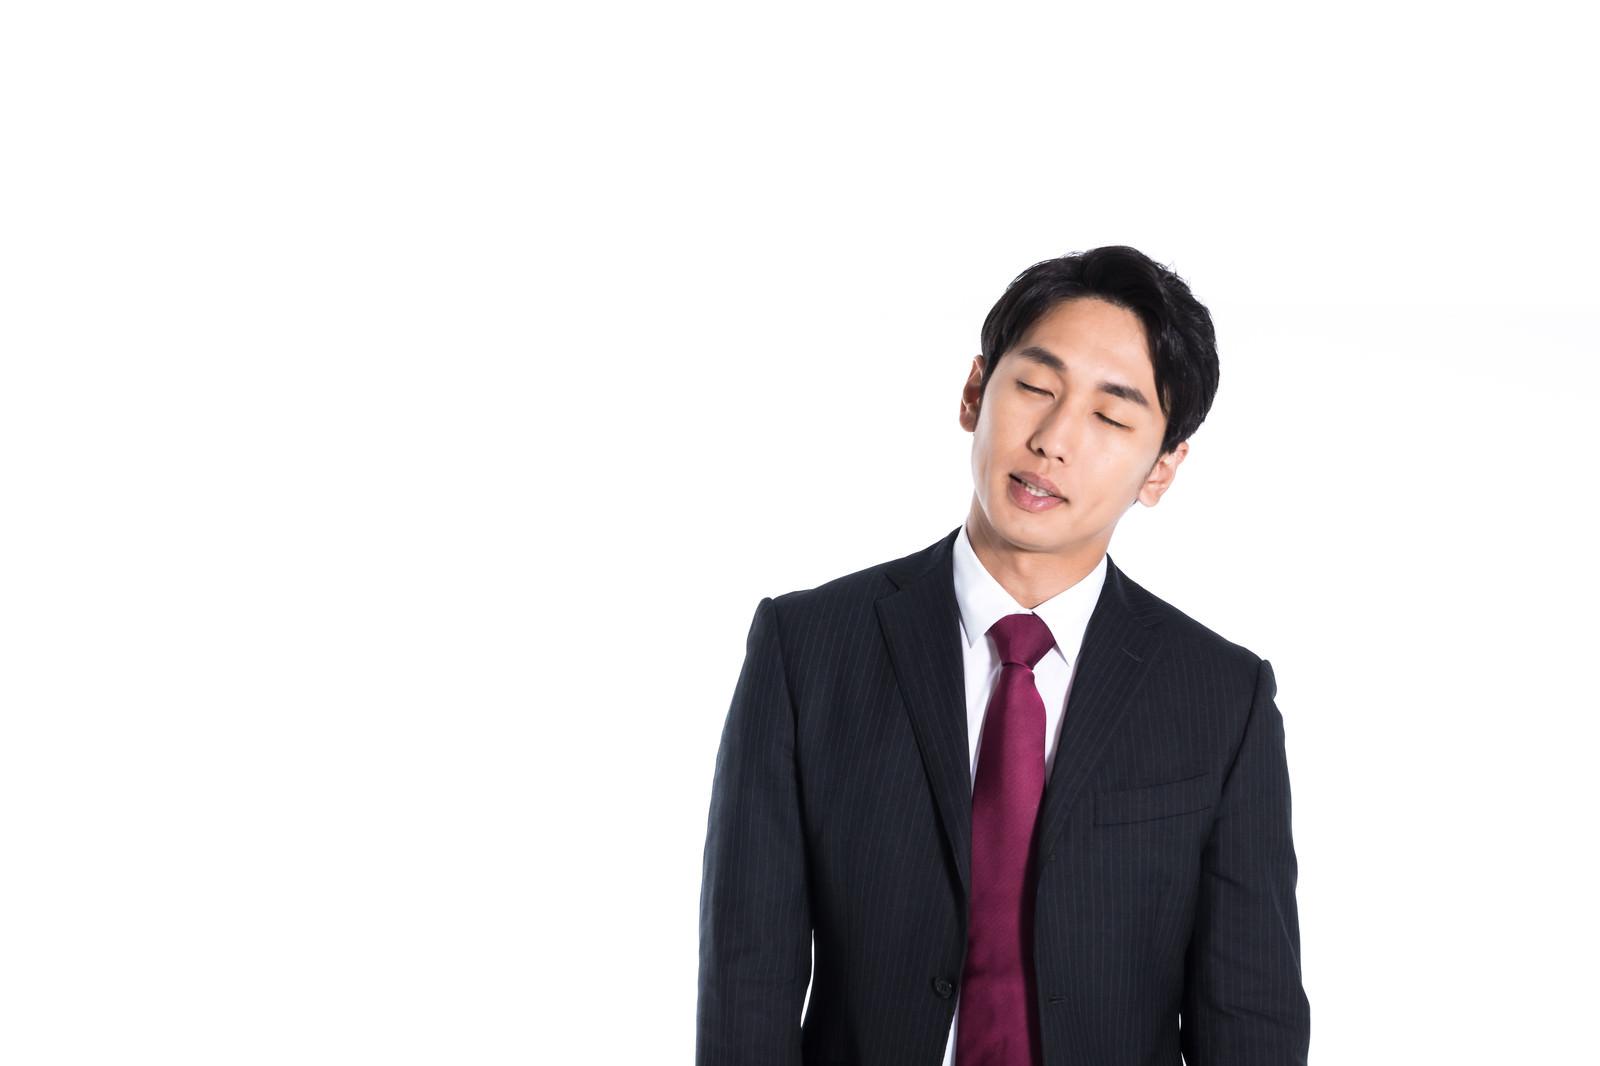 「立ちながら寝落ち寸前の営業マン」の写真[モデル:大川竜弥]